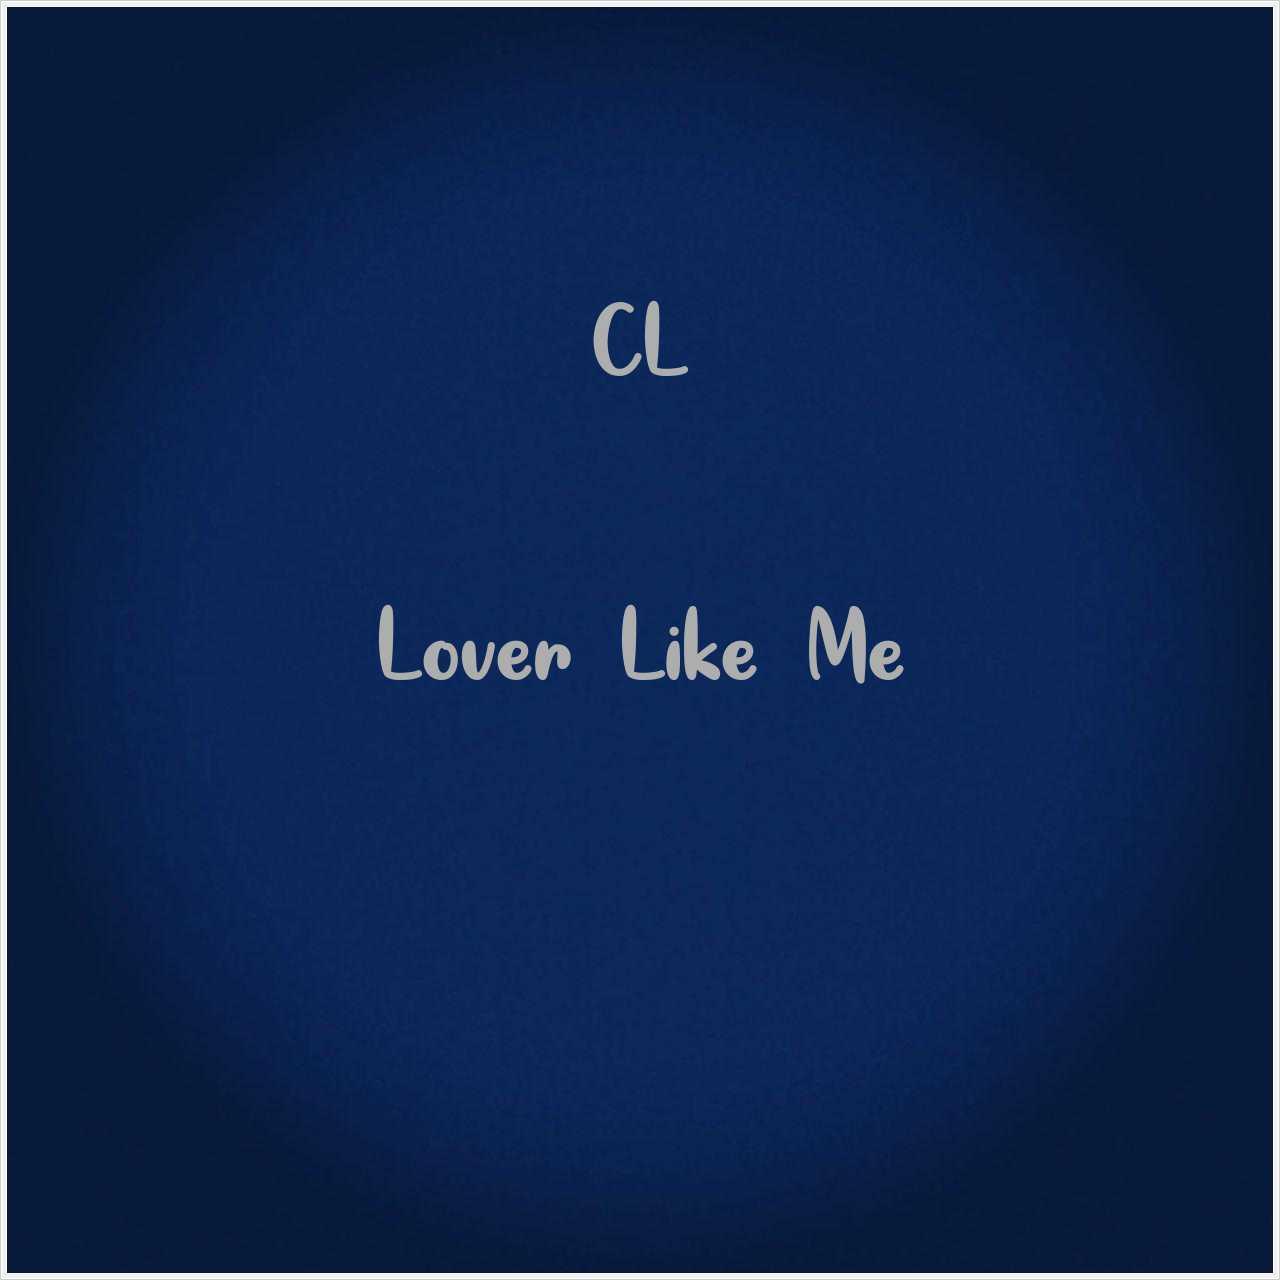 دانلود آهنگ جدید CL به نام Lover Like Me